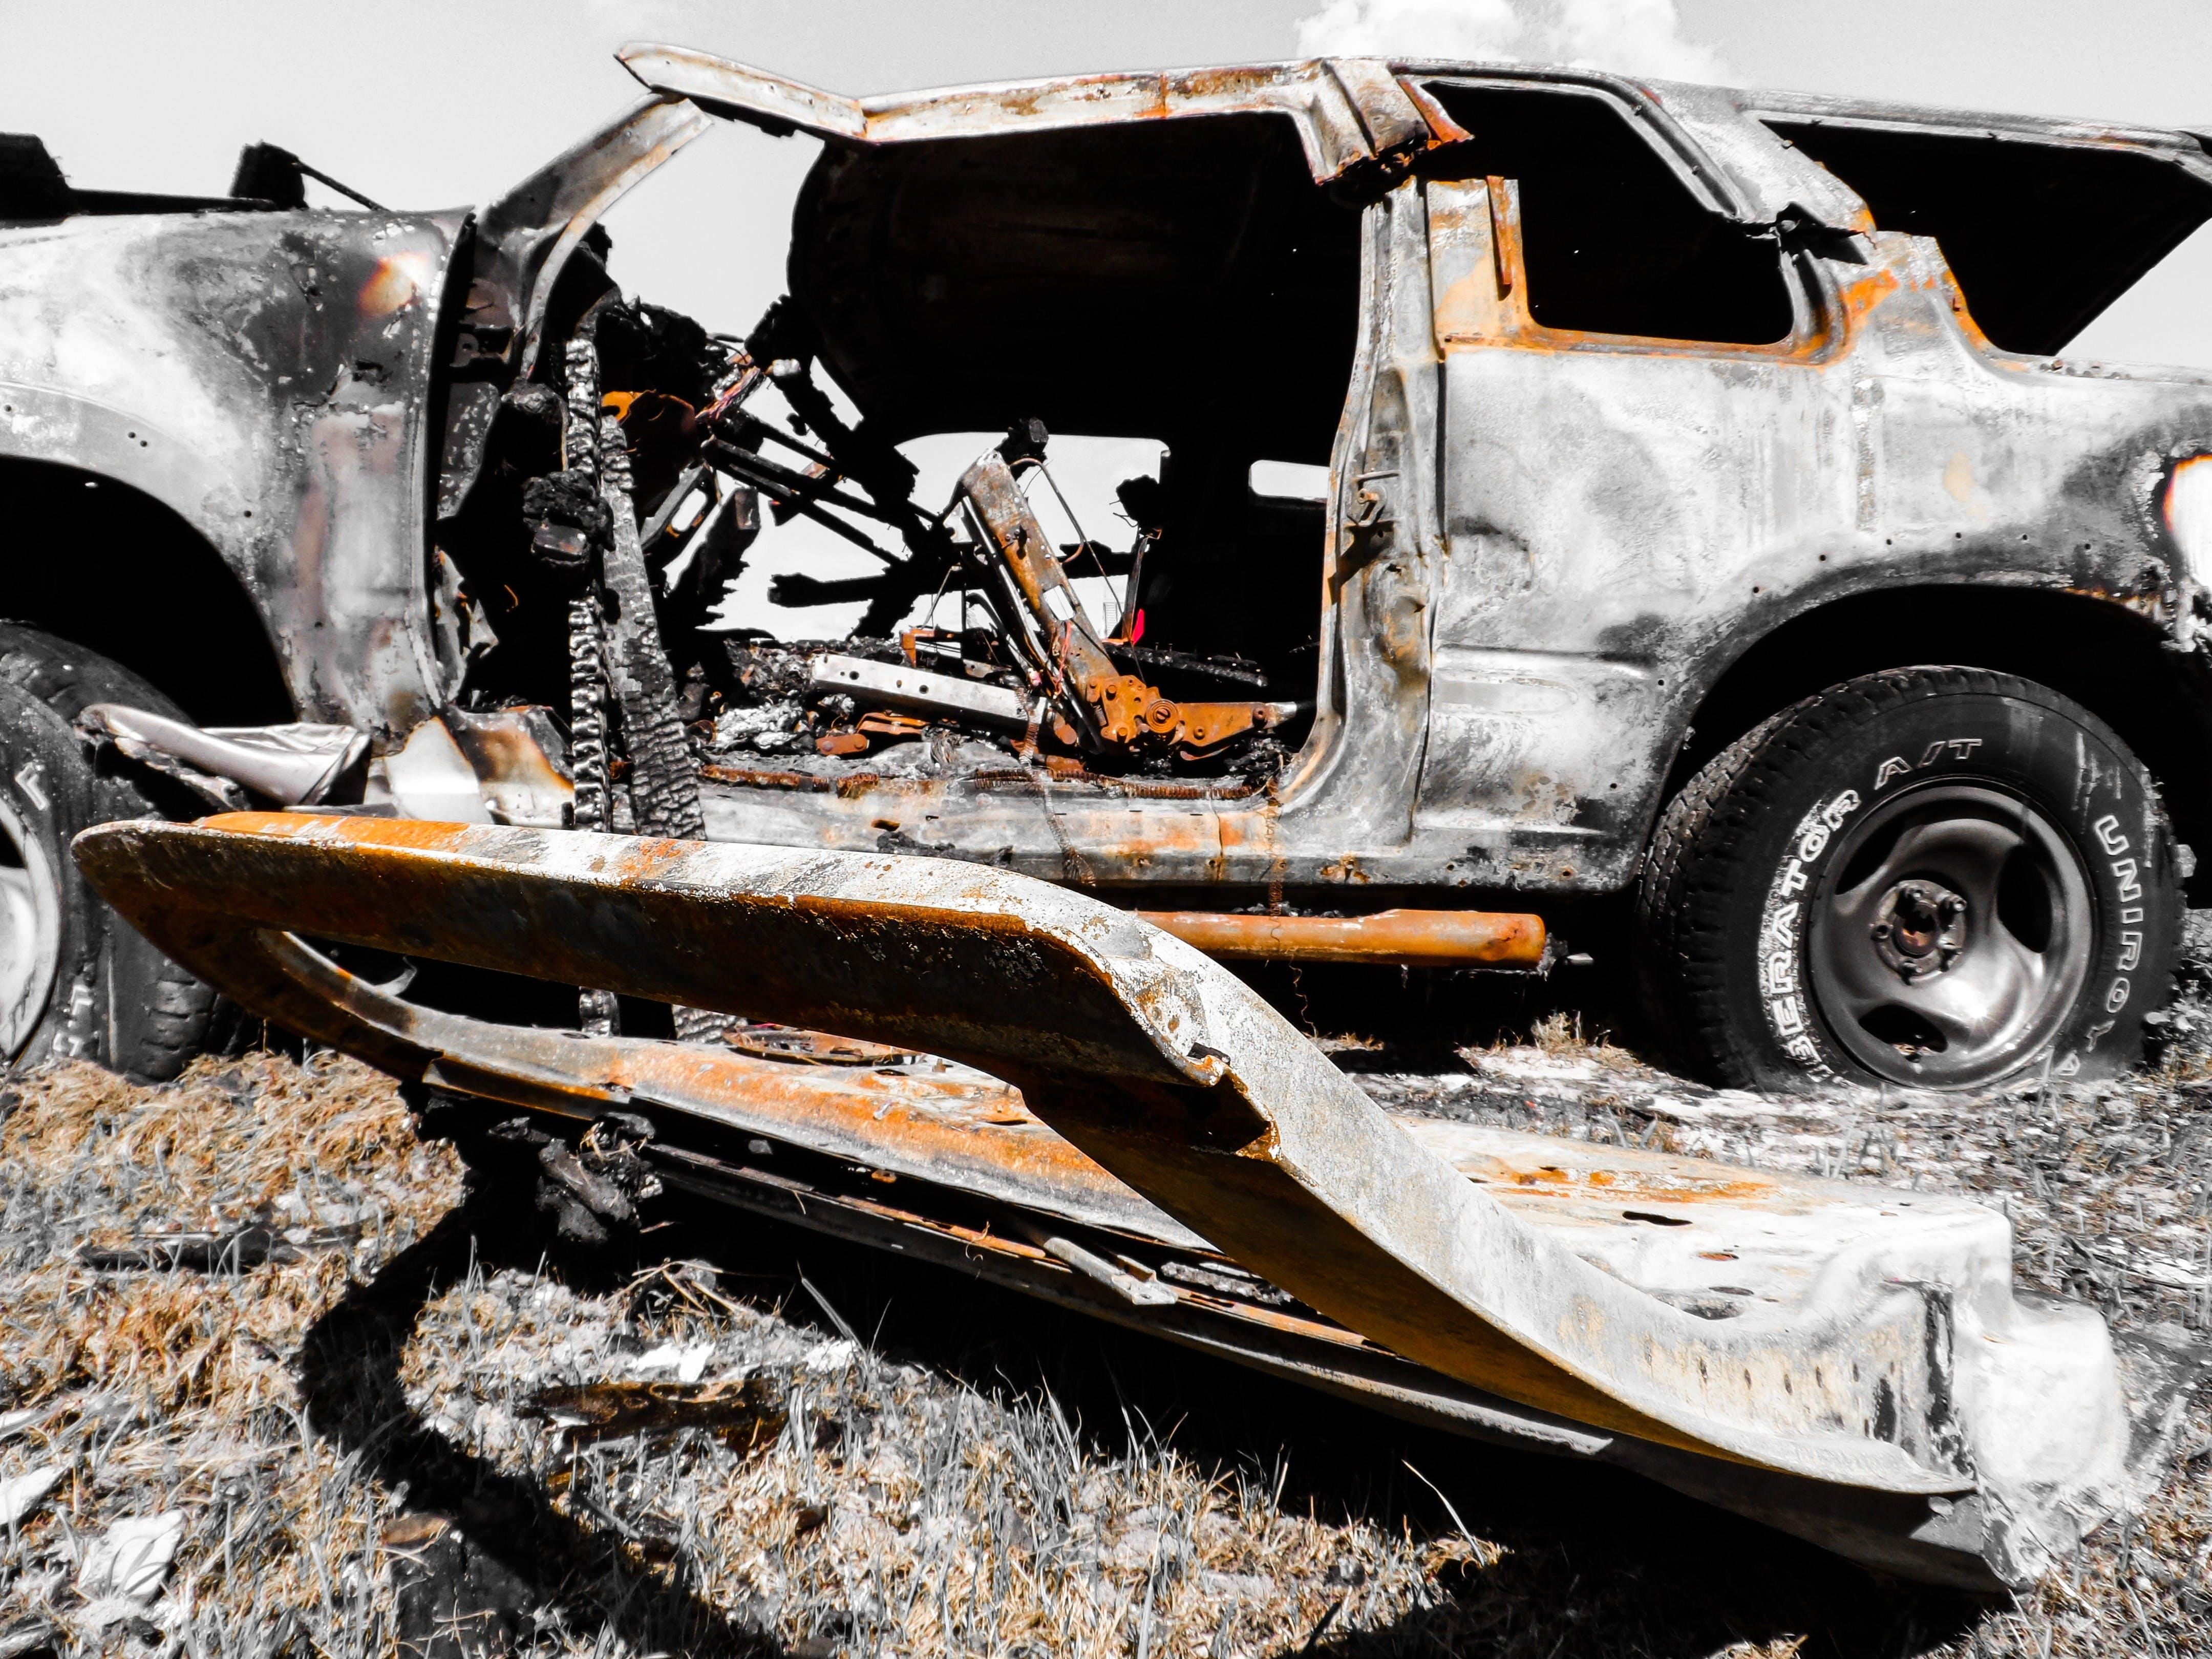 Kostenloses Stock Foto zu fahrzeug, rostig, verbrannt, verlassen